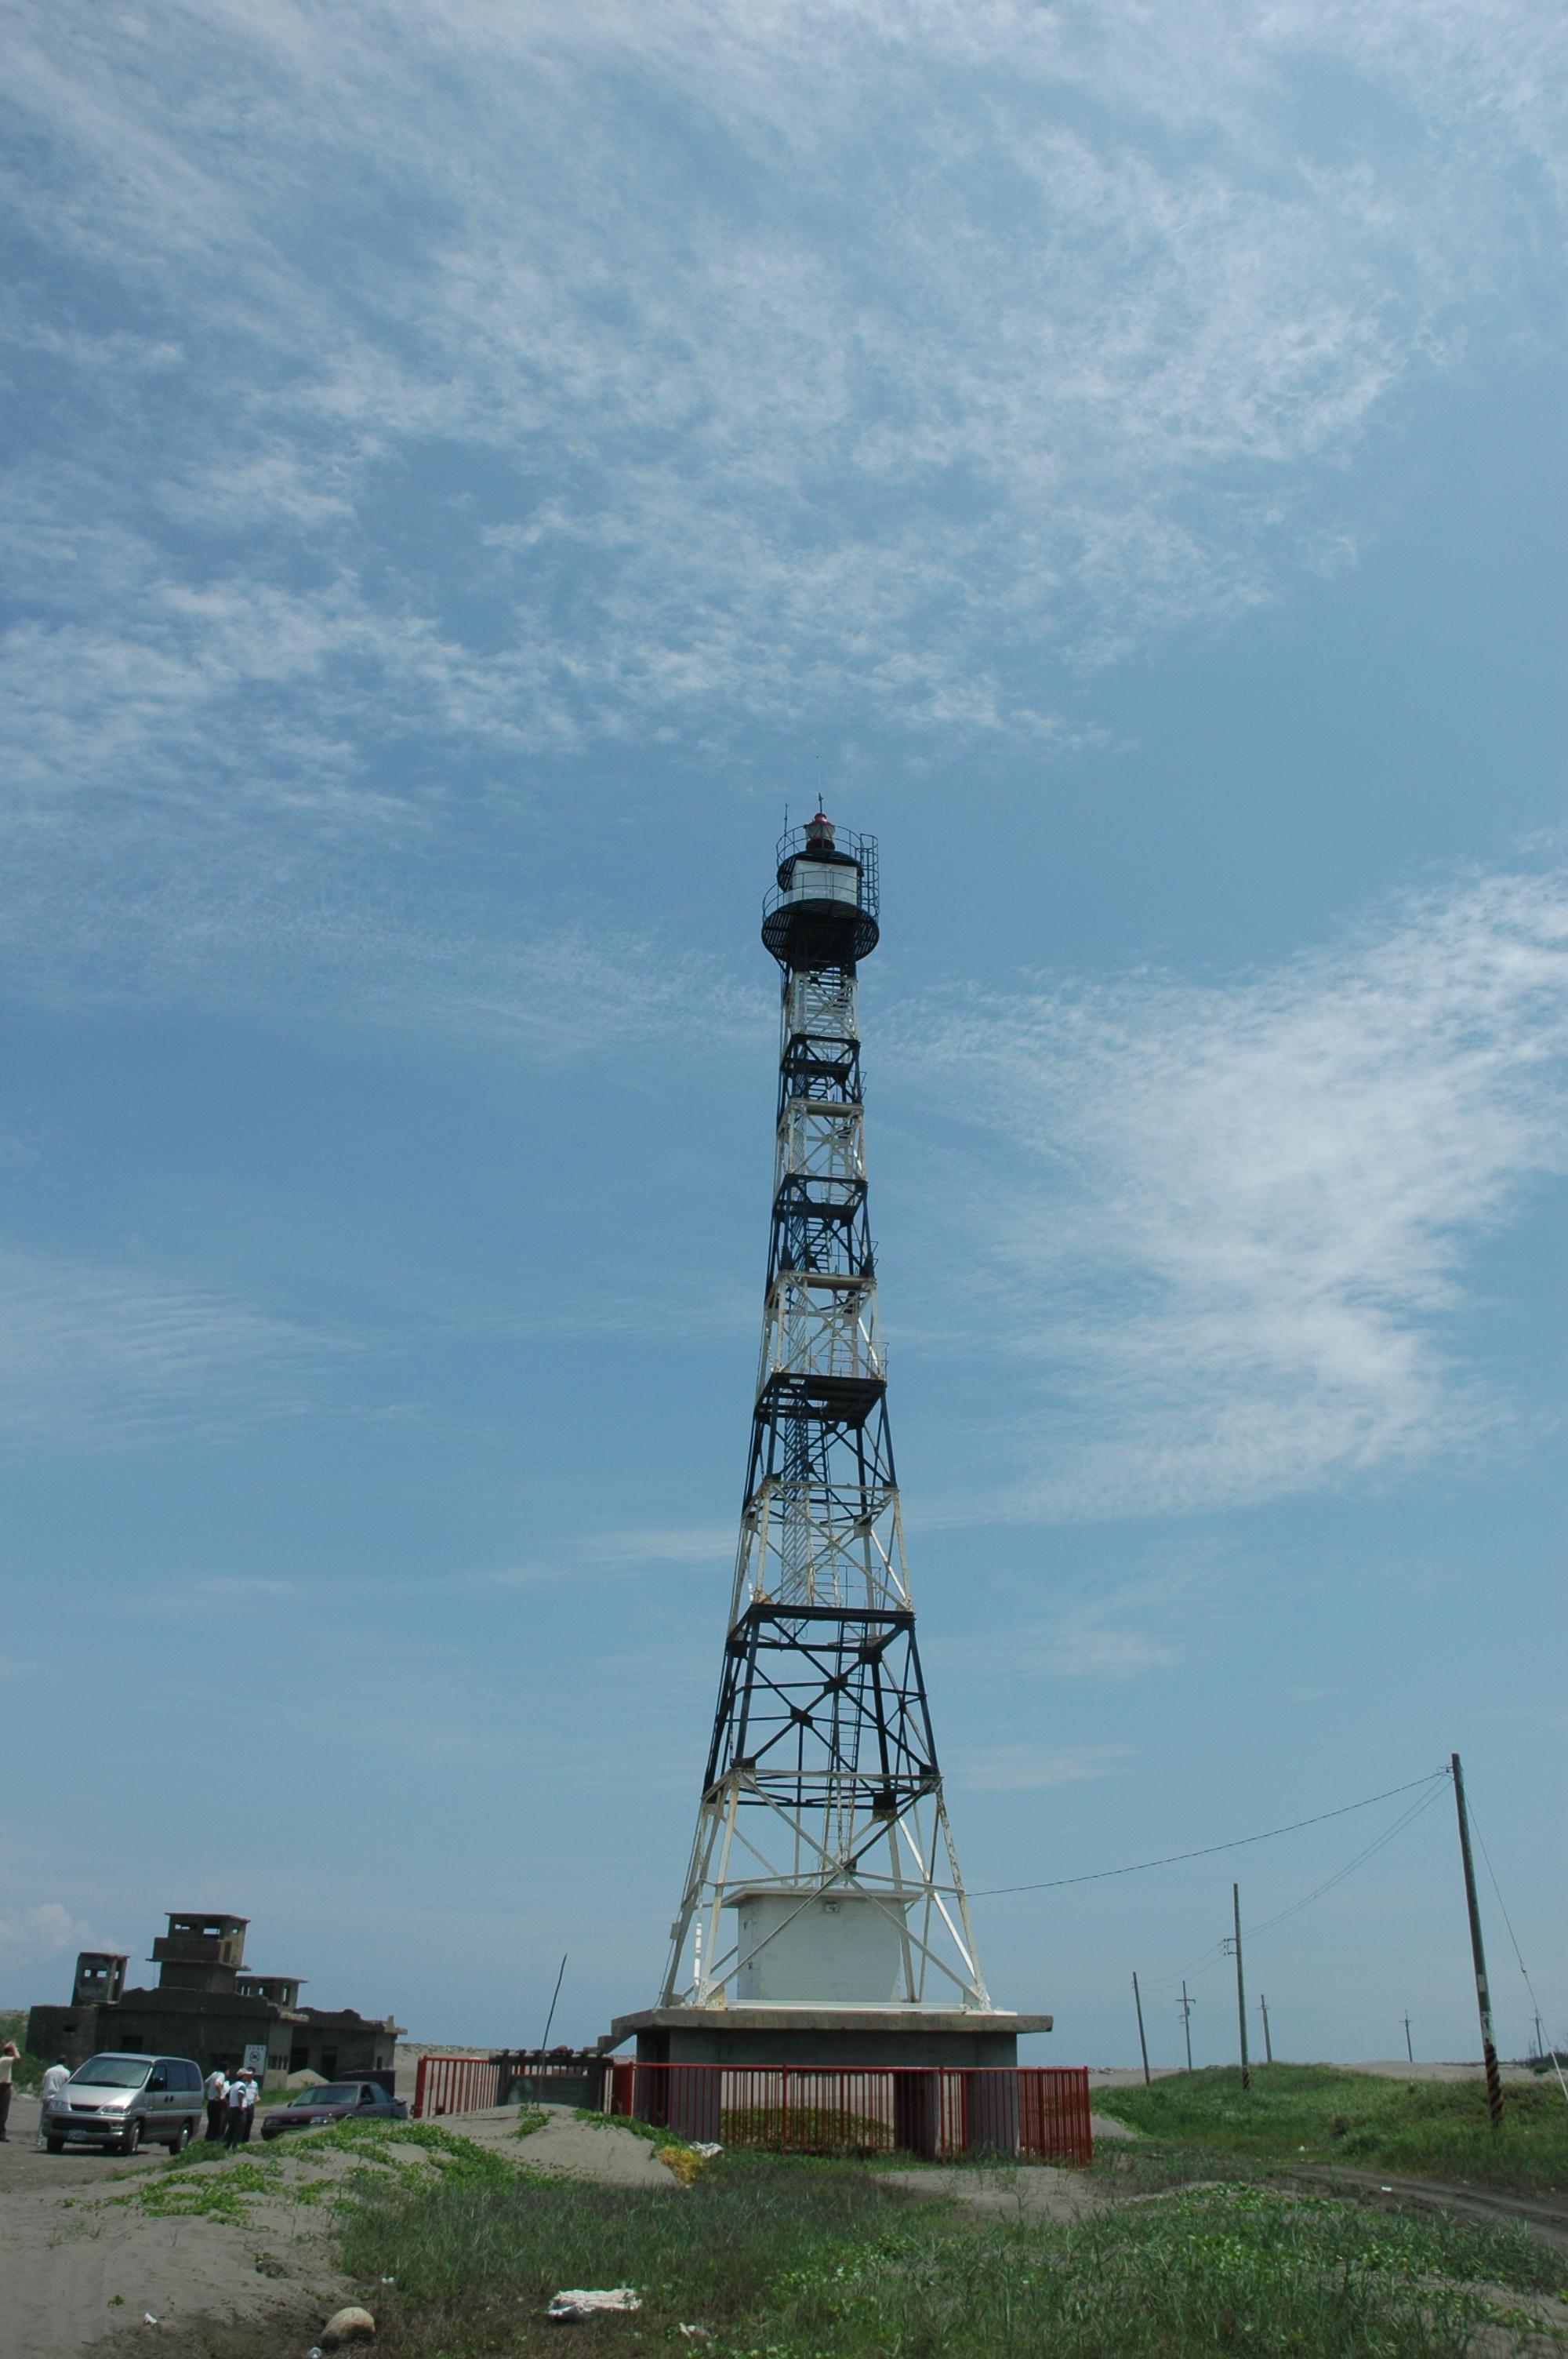 民國46年(西元1957年)興建的國聖港燈塔,位於臺南市七股區國聖港,為一方錐形鋼架結構,塔身顏色為黑白相間。原國聖港燈塔啟用發光後,因受颱風襲擊及海潮侵蝕,沙洲盡失,整個燈塔陷入汪洋大海之中,民國58年遭受「衛歐拉」颱風摧襲,塔身倒塌,無法使用;民國59年6月移至附近頂頭額汕另建新塔,代替舊塔發光。